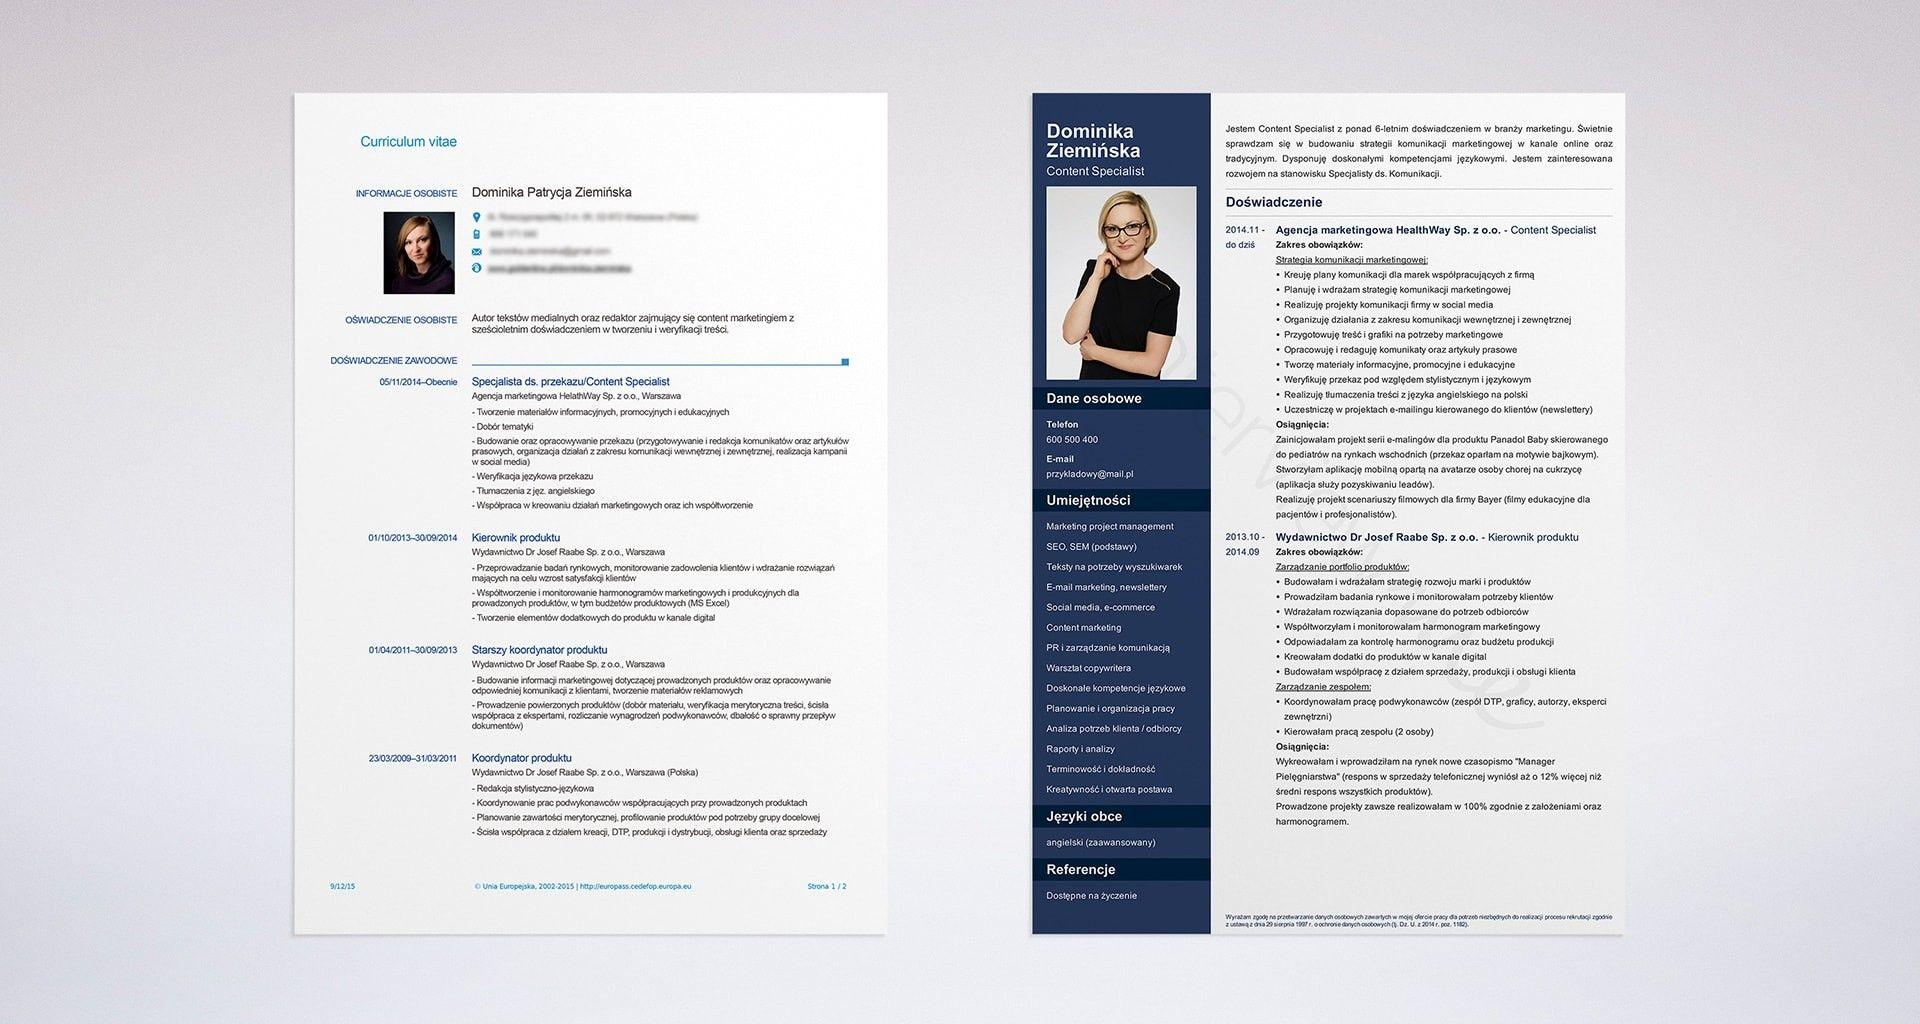 Profesjonalne CV Przykład Dominiki DESIGN Pinterest